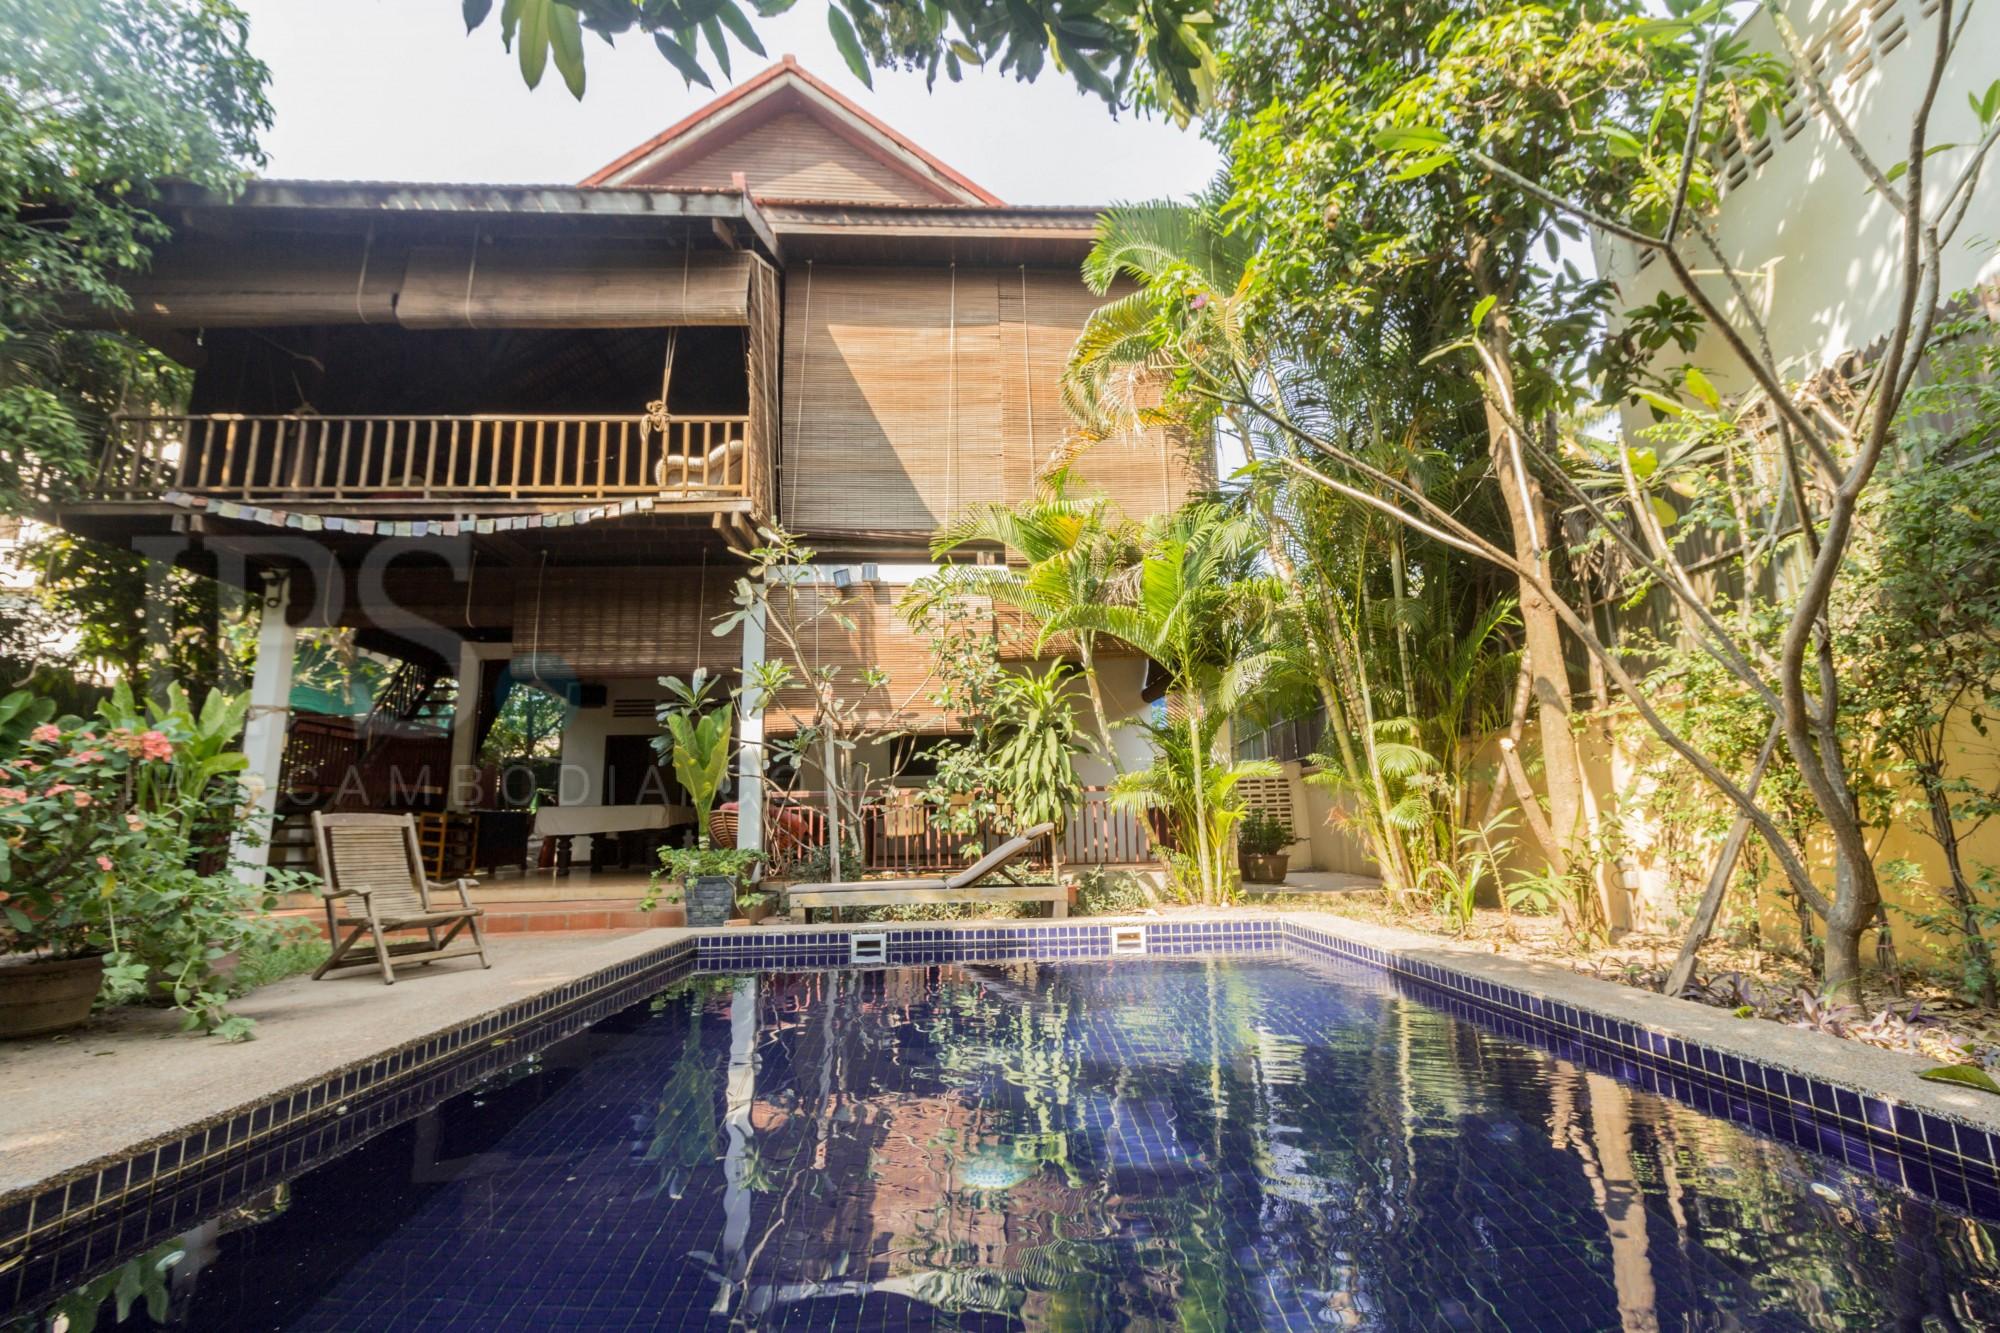 4 Bedroom Wooden Villa For Rent - Wat Damnak, Siem Reap